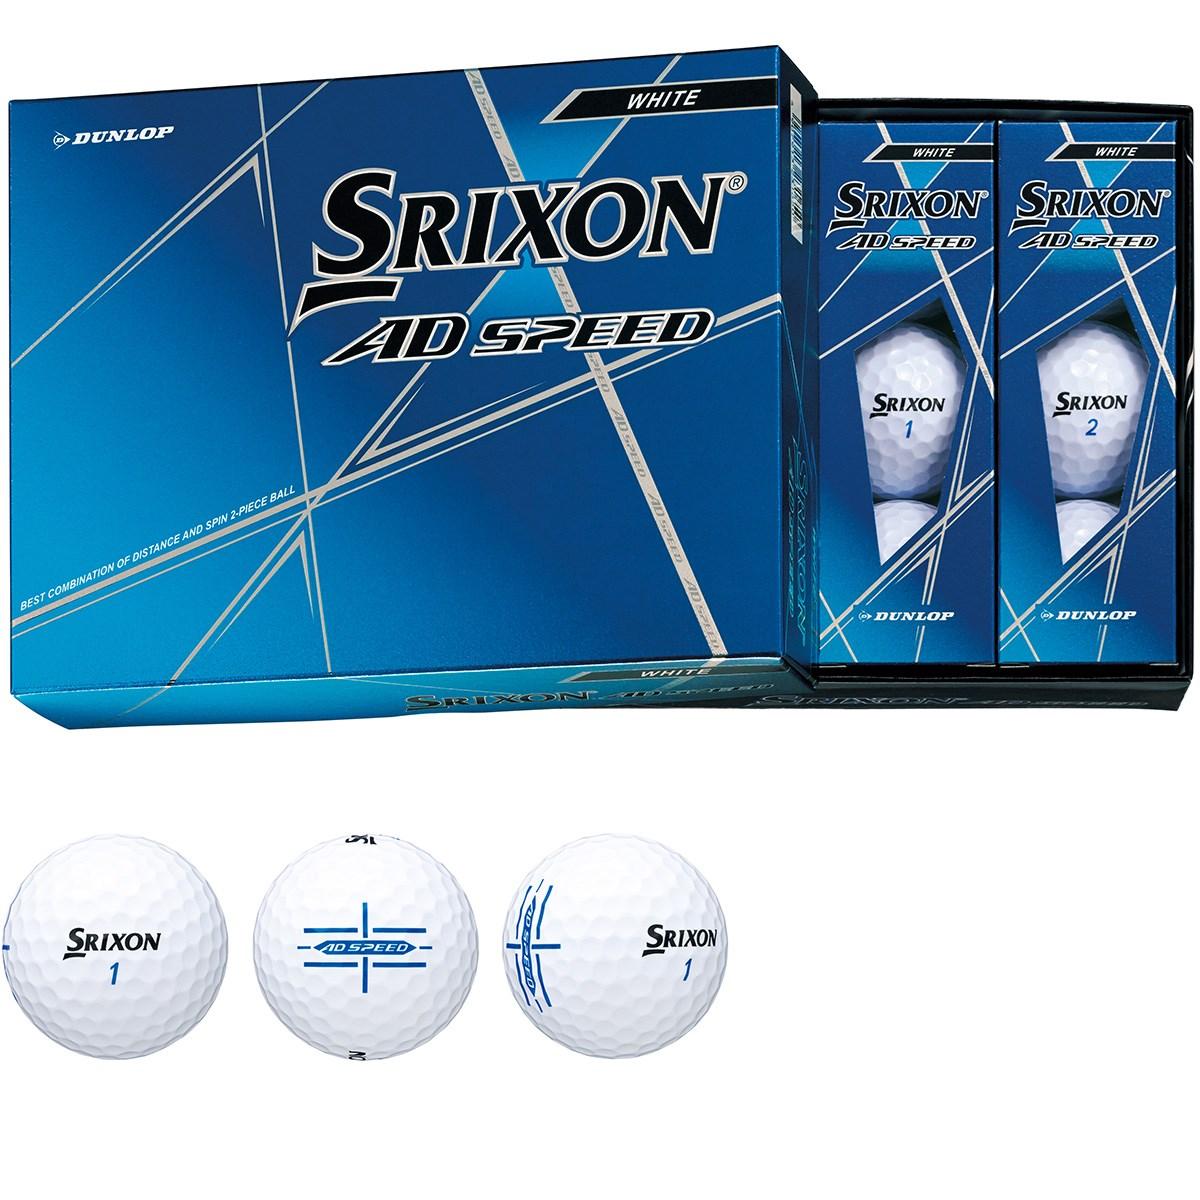 ダンロップ SRIXON スリクソン AD SPEED ボール 5ダースセット 5ダース(60個入り) ホワイト